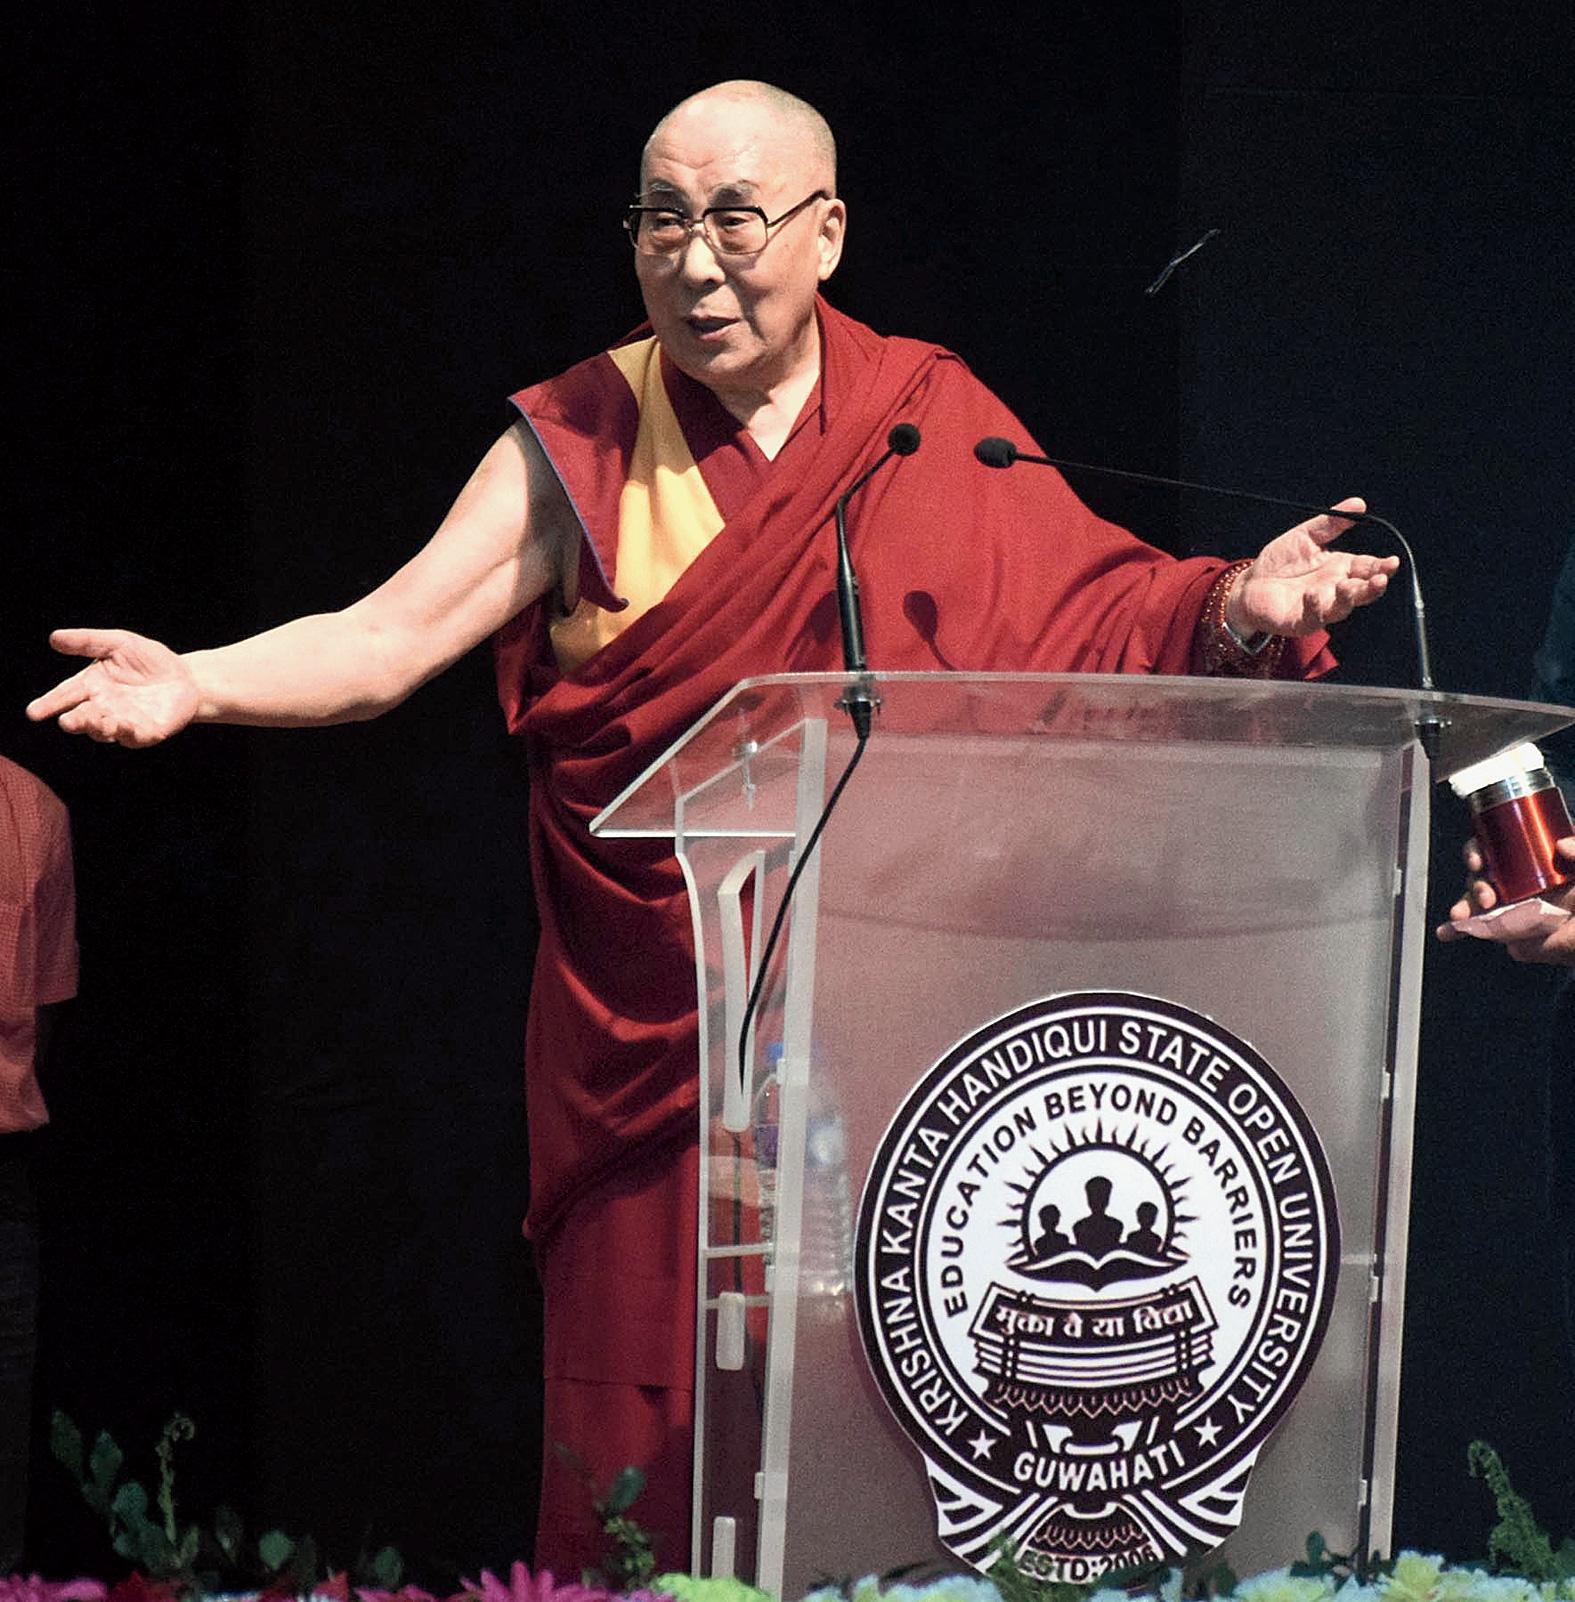 Dalai Lama in Bodhgaya for three weeks